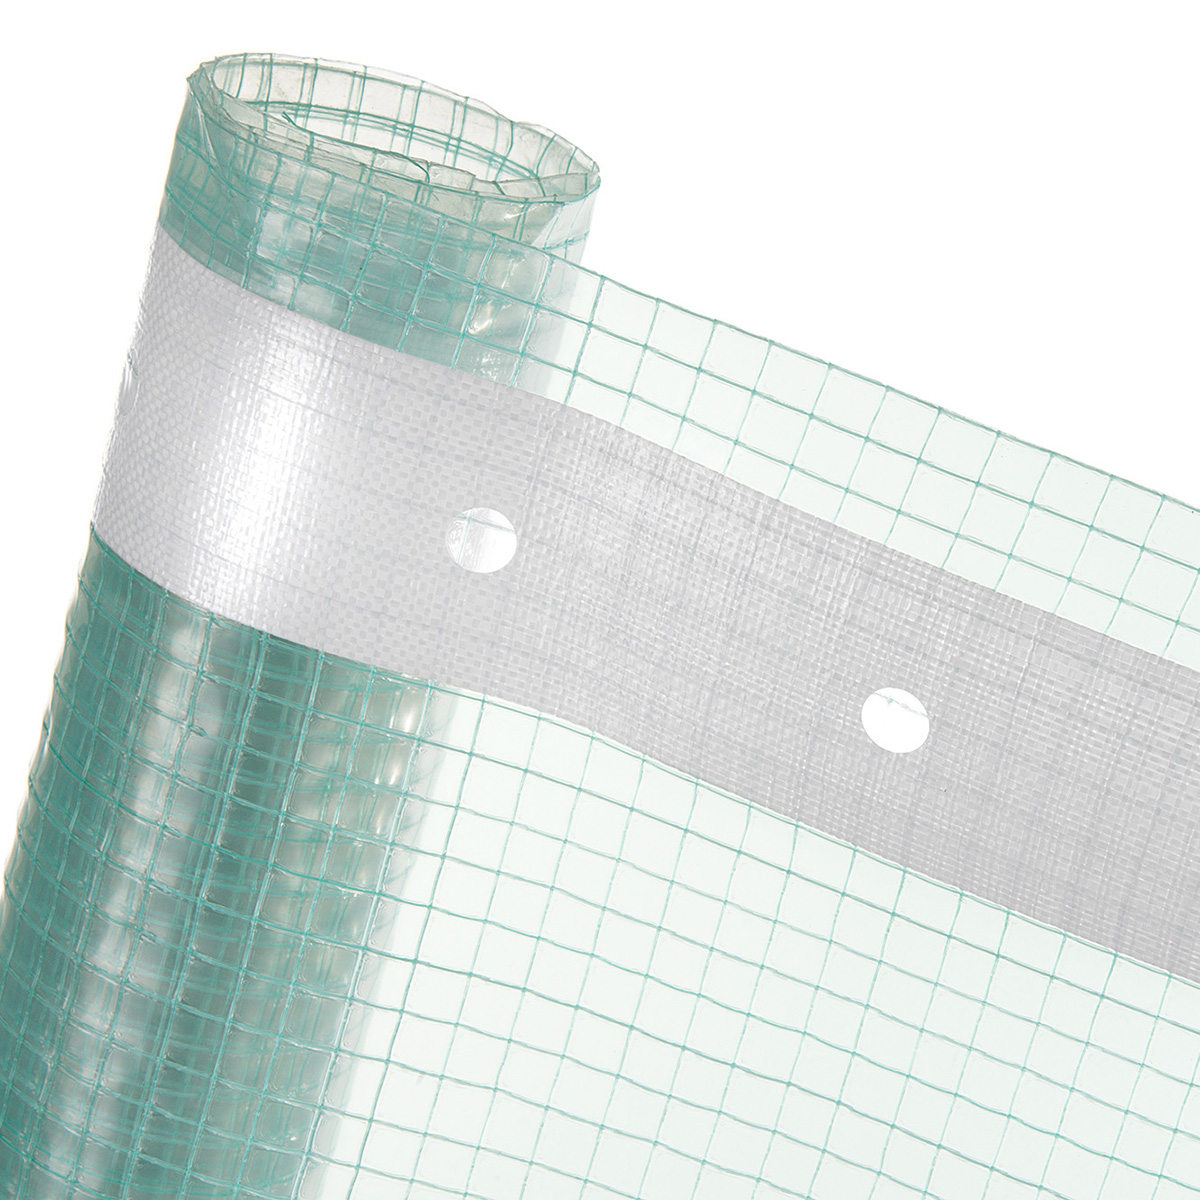 GITTERFOLIE in 3m Breite (Meterware) für Gewächshausbau, Folientunnel